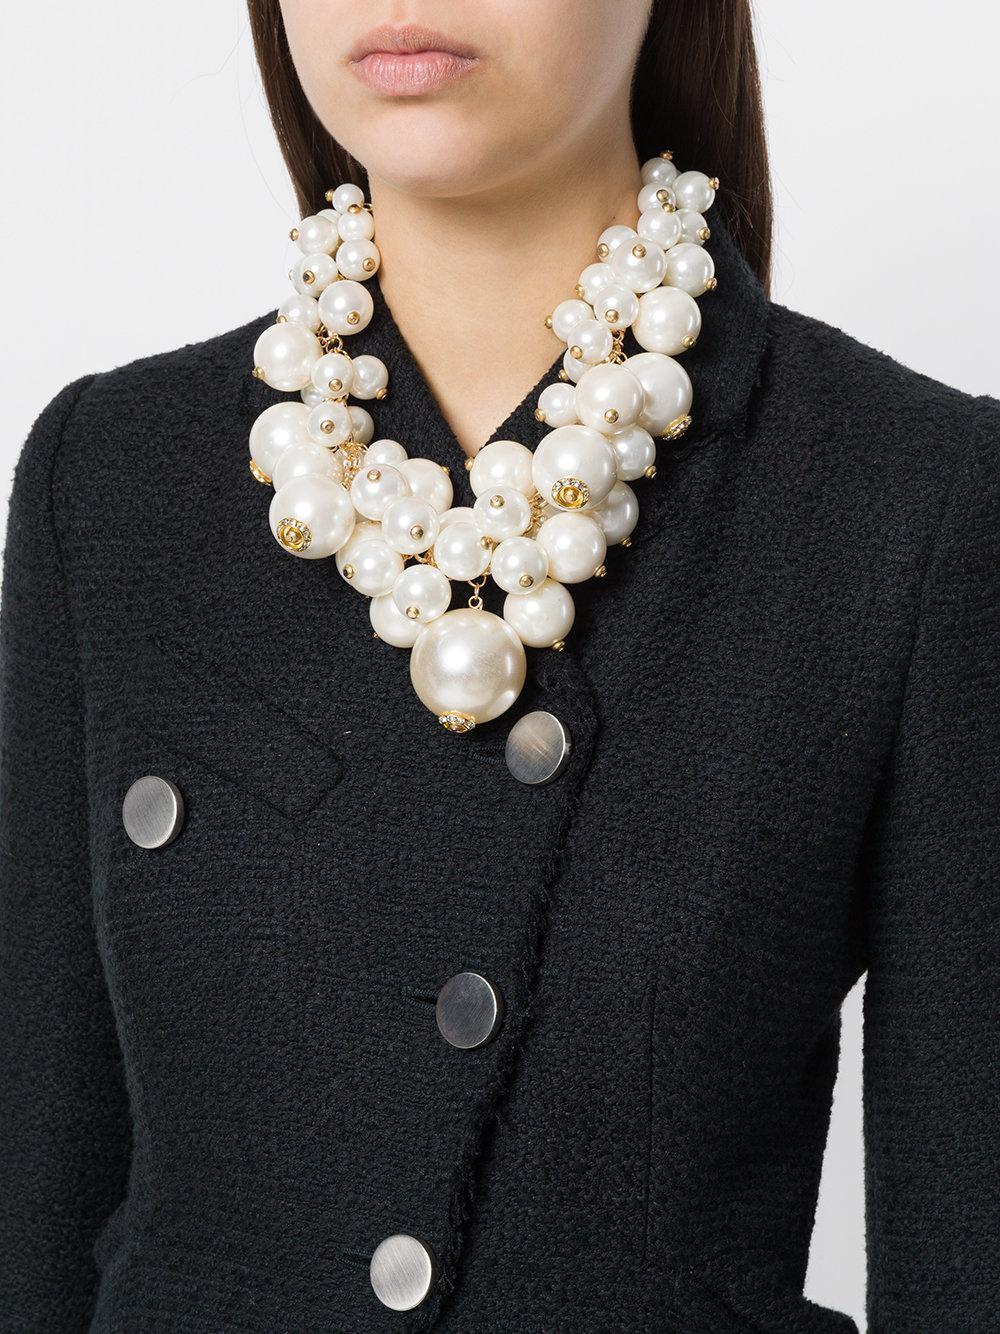 7d123d8eb8fea Edward Achour Paris White Oversized Pearl Necklace